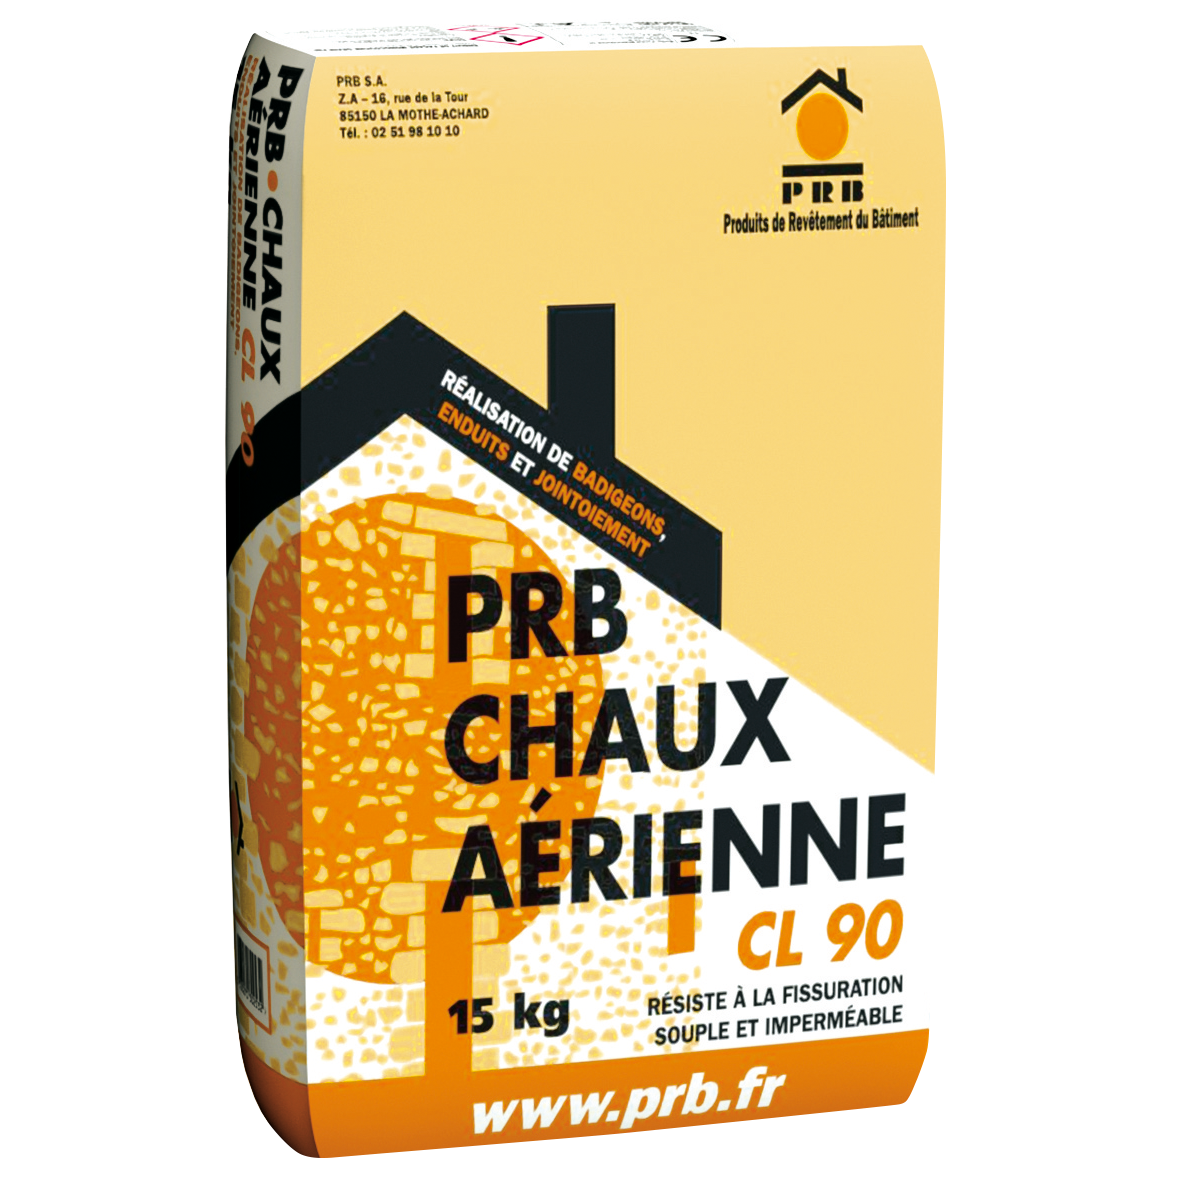 PRB CHAUX AÉRIENNE 15 KG